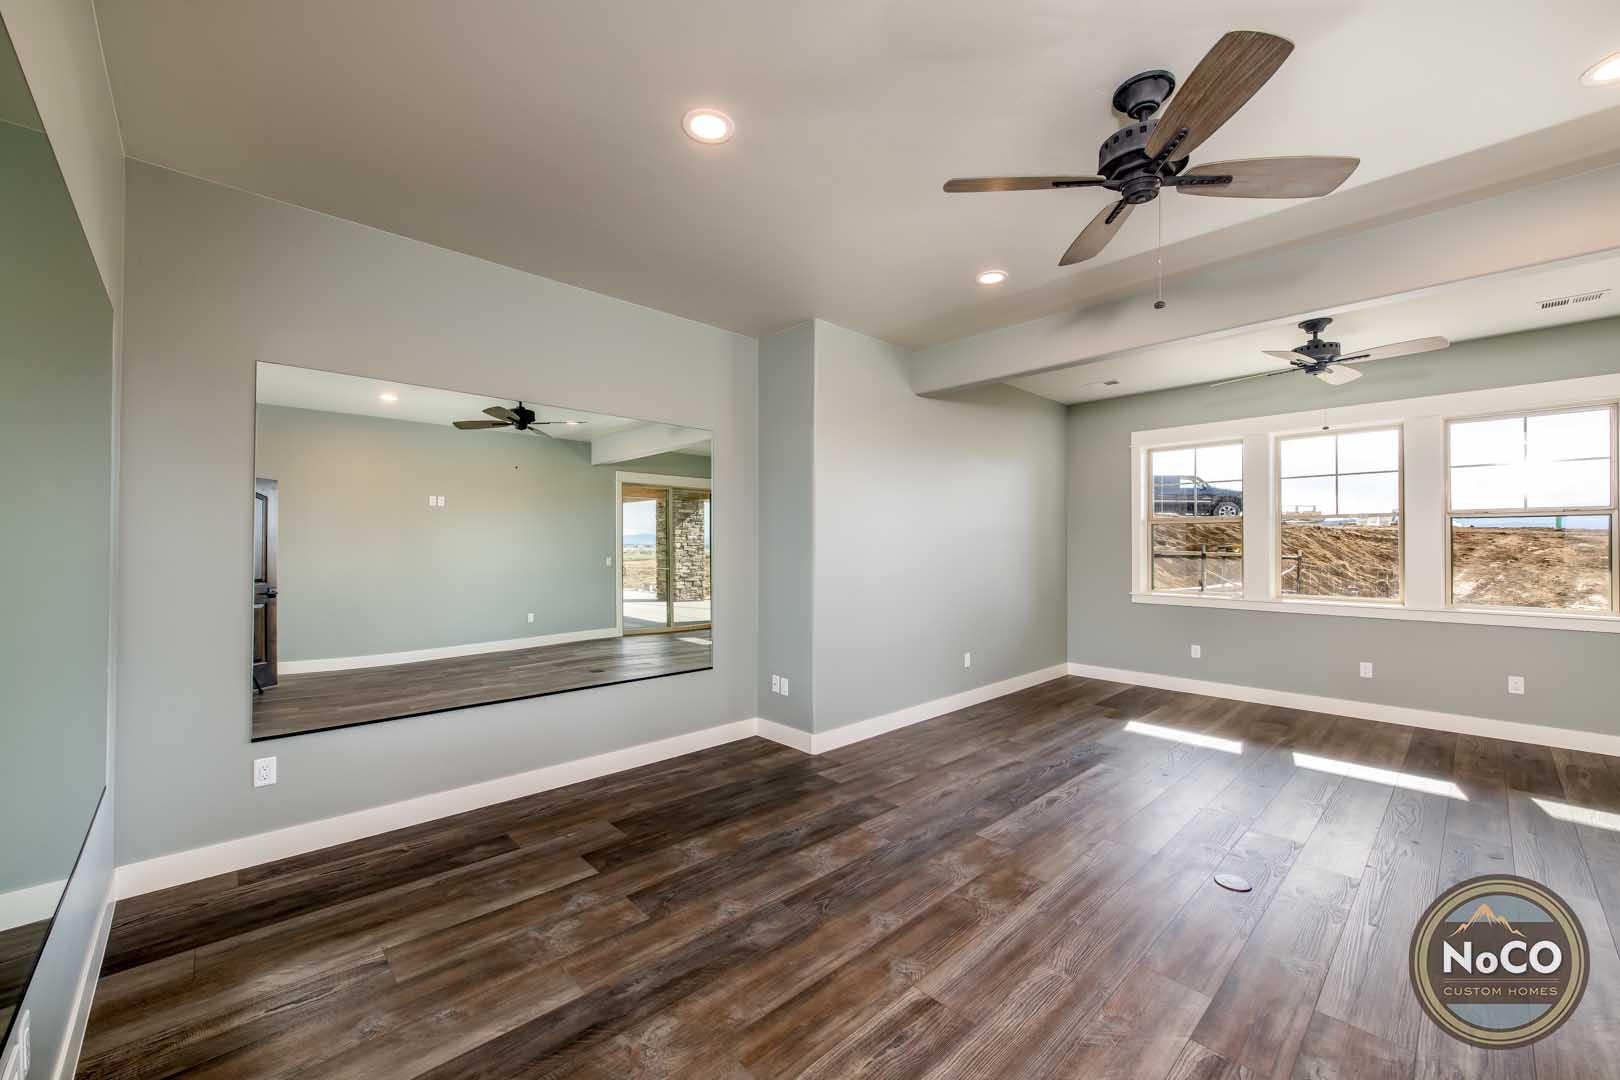 colorado custom home studio